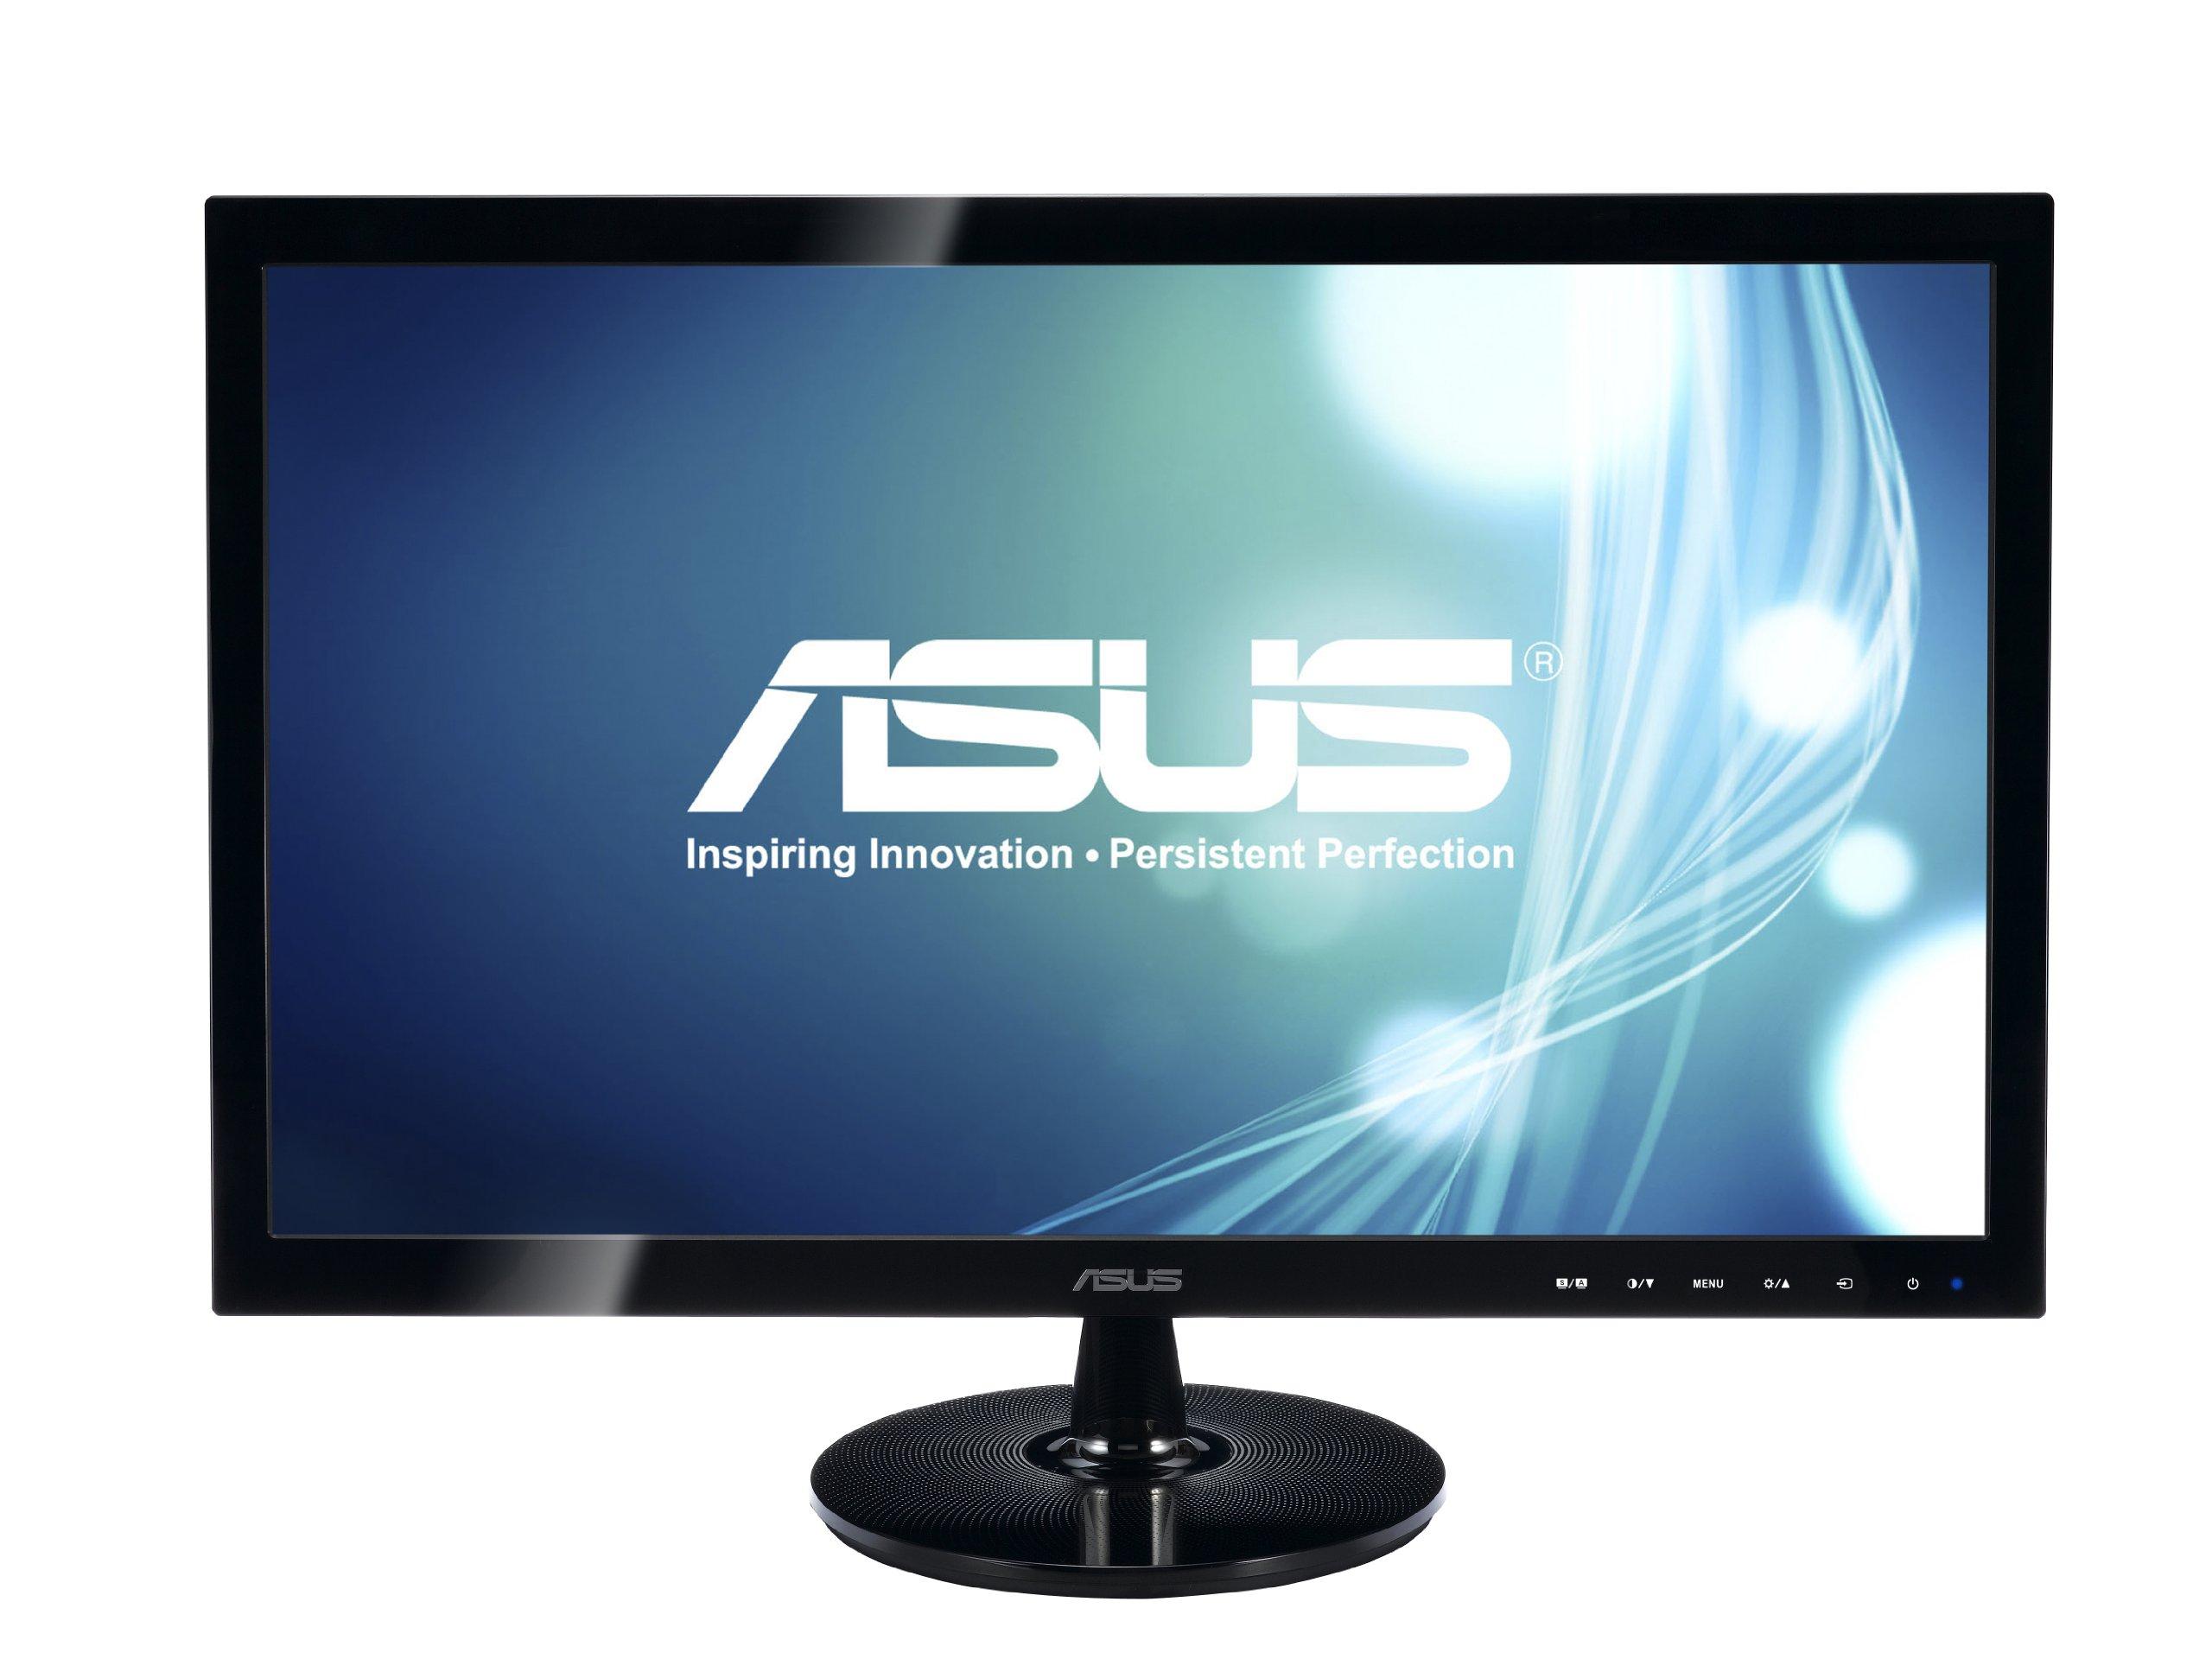 ASUS VS208N-P 20'' HD+ 1600x900 DVI VGA Back-lit LED Monitor